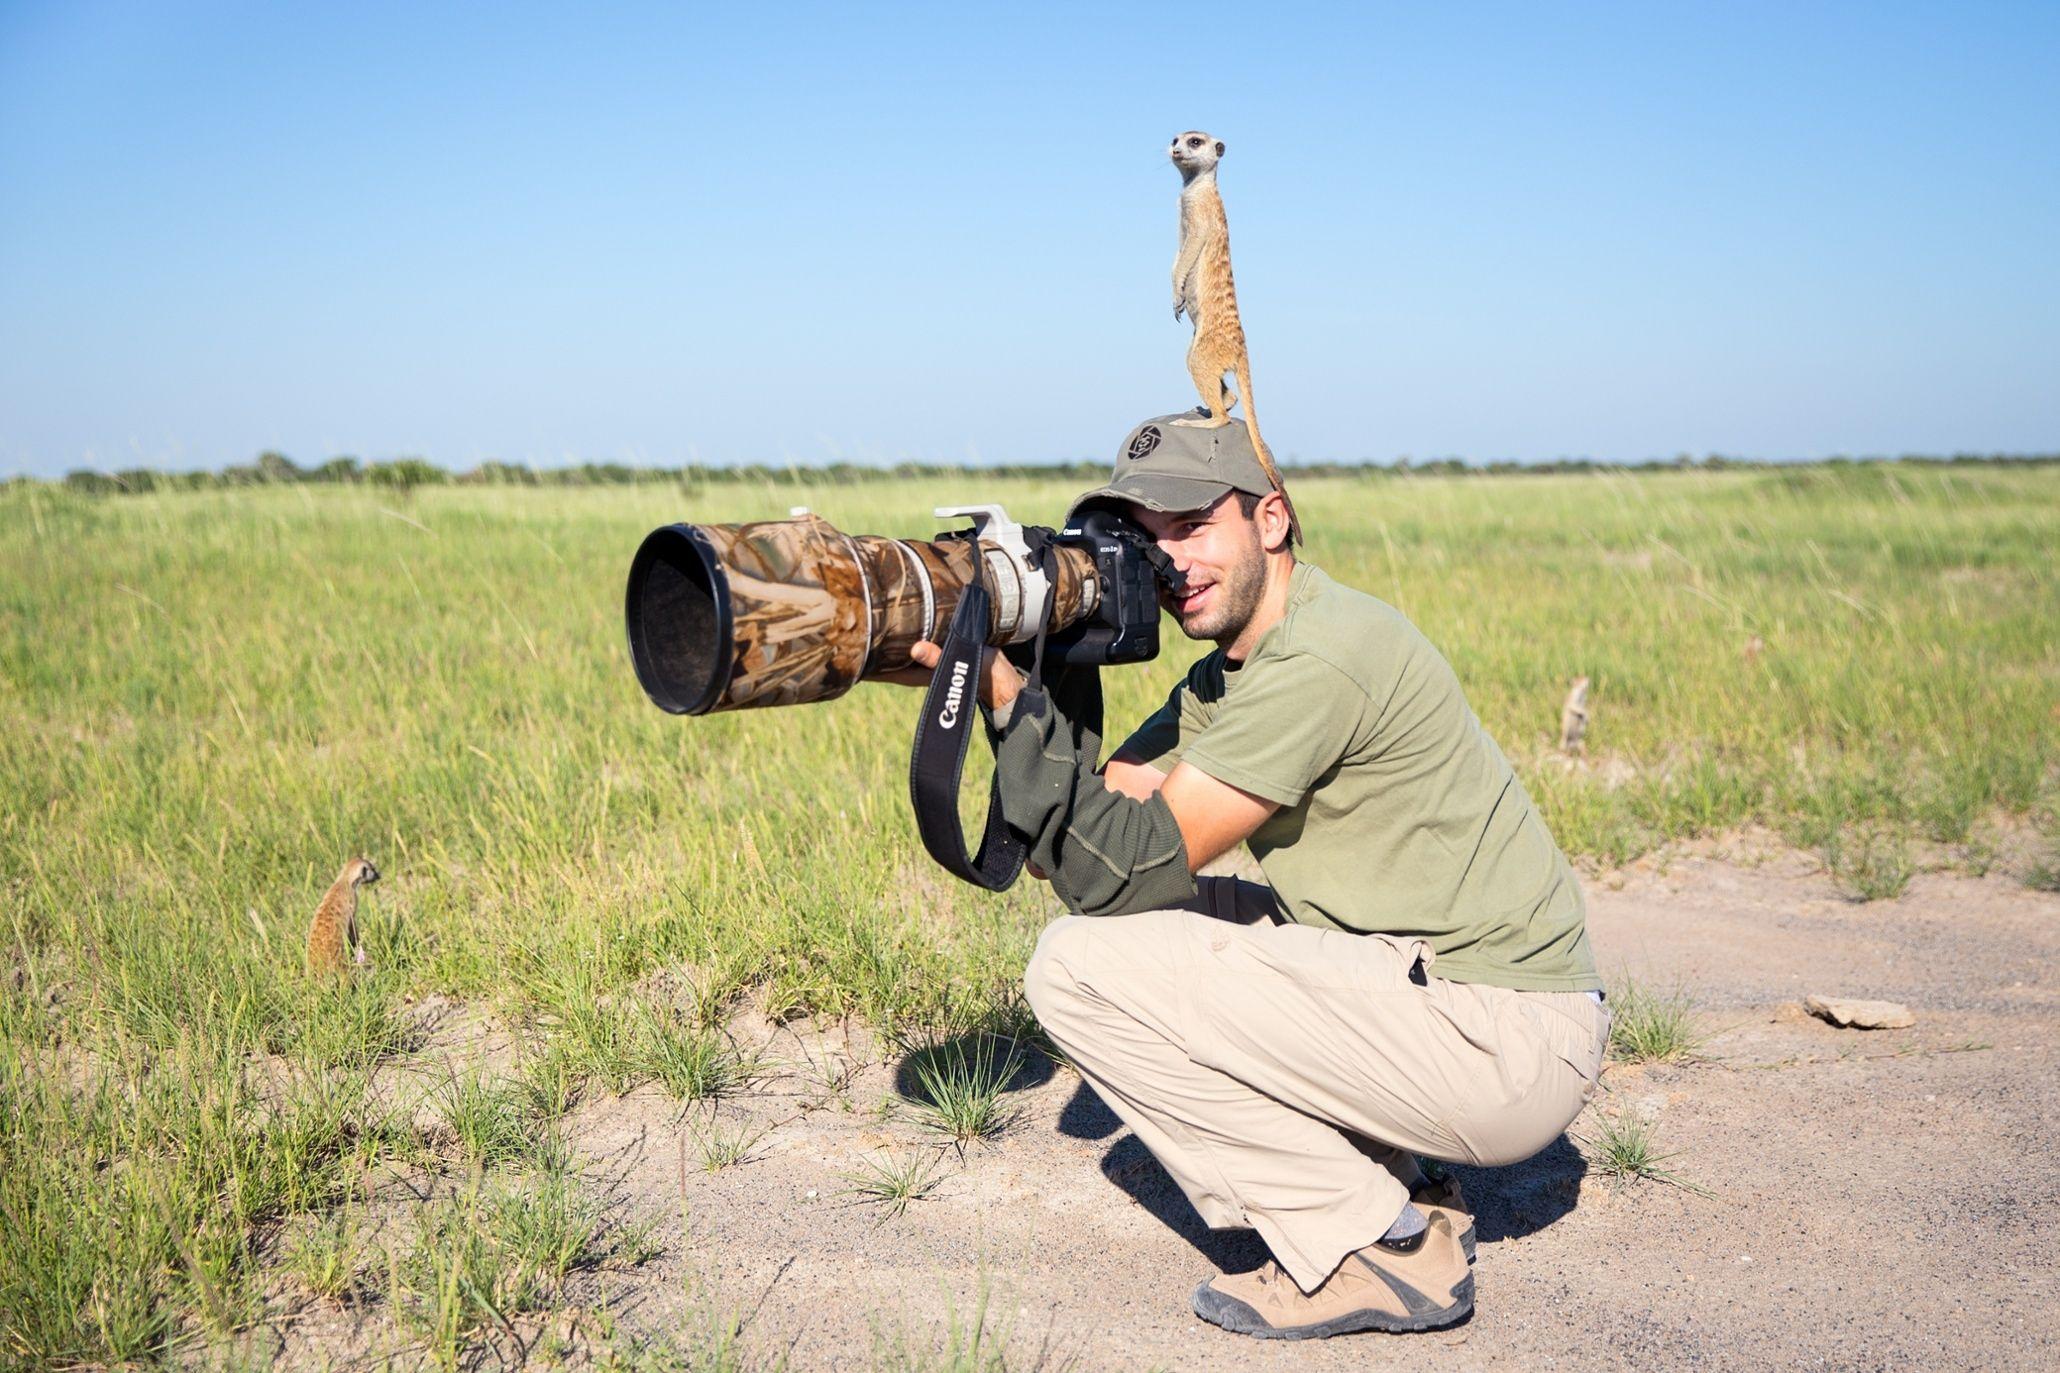 Baby meerkats in Botswana - in pictures